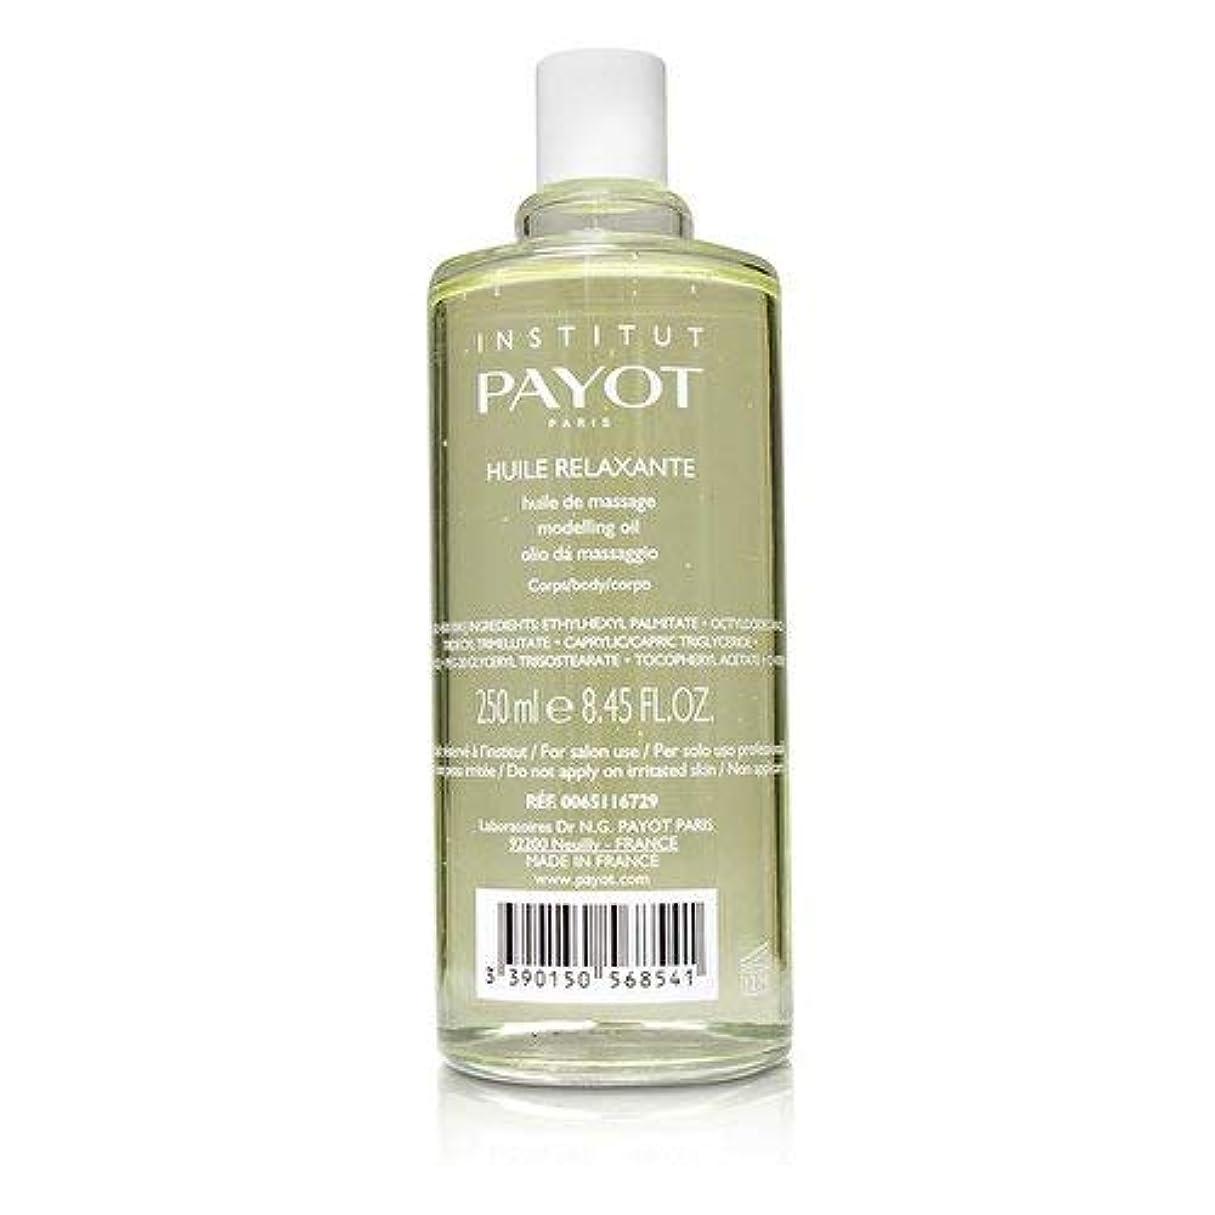 コンプライアンス浮浪者大佐パイヨ Huile Relaxante - Body Massage Oil (Jasmine & White Tea) (Salon Product) 250ml/8.45oz並行輸入品